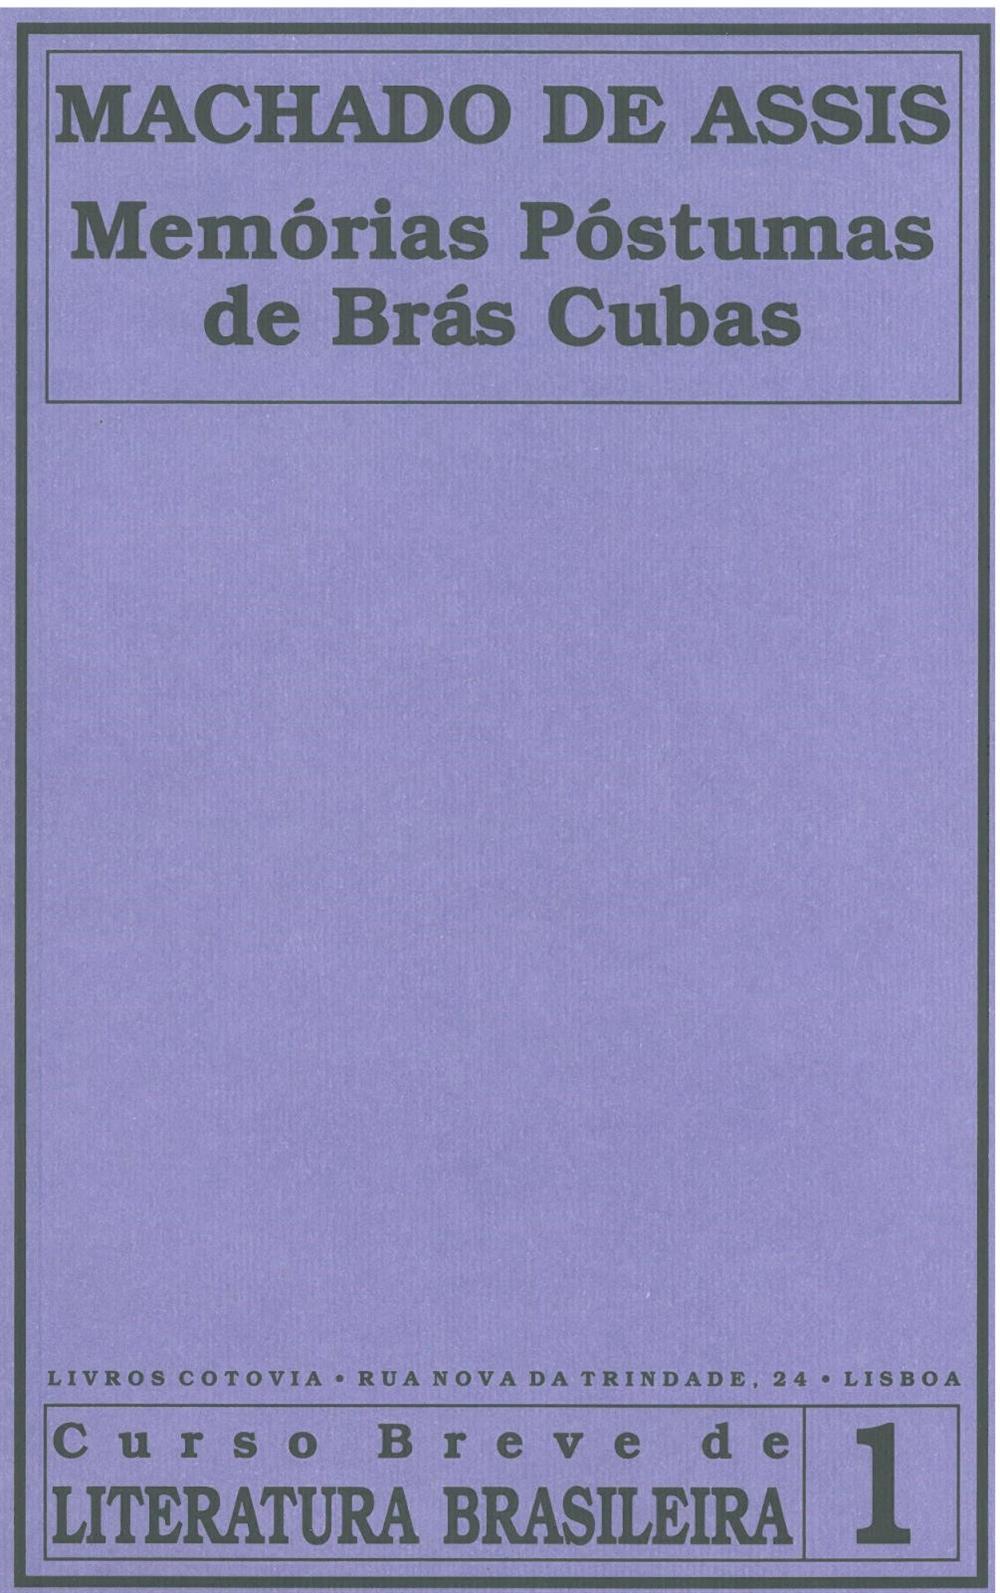 Memórias póstumas de Brás Cubas.jpg